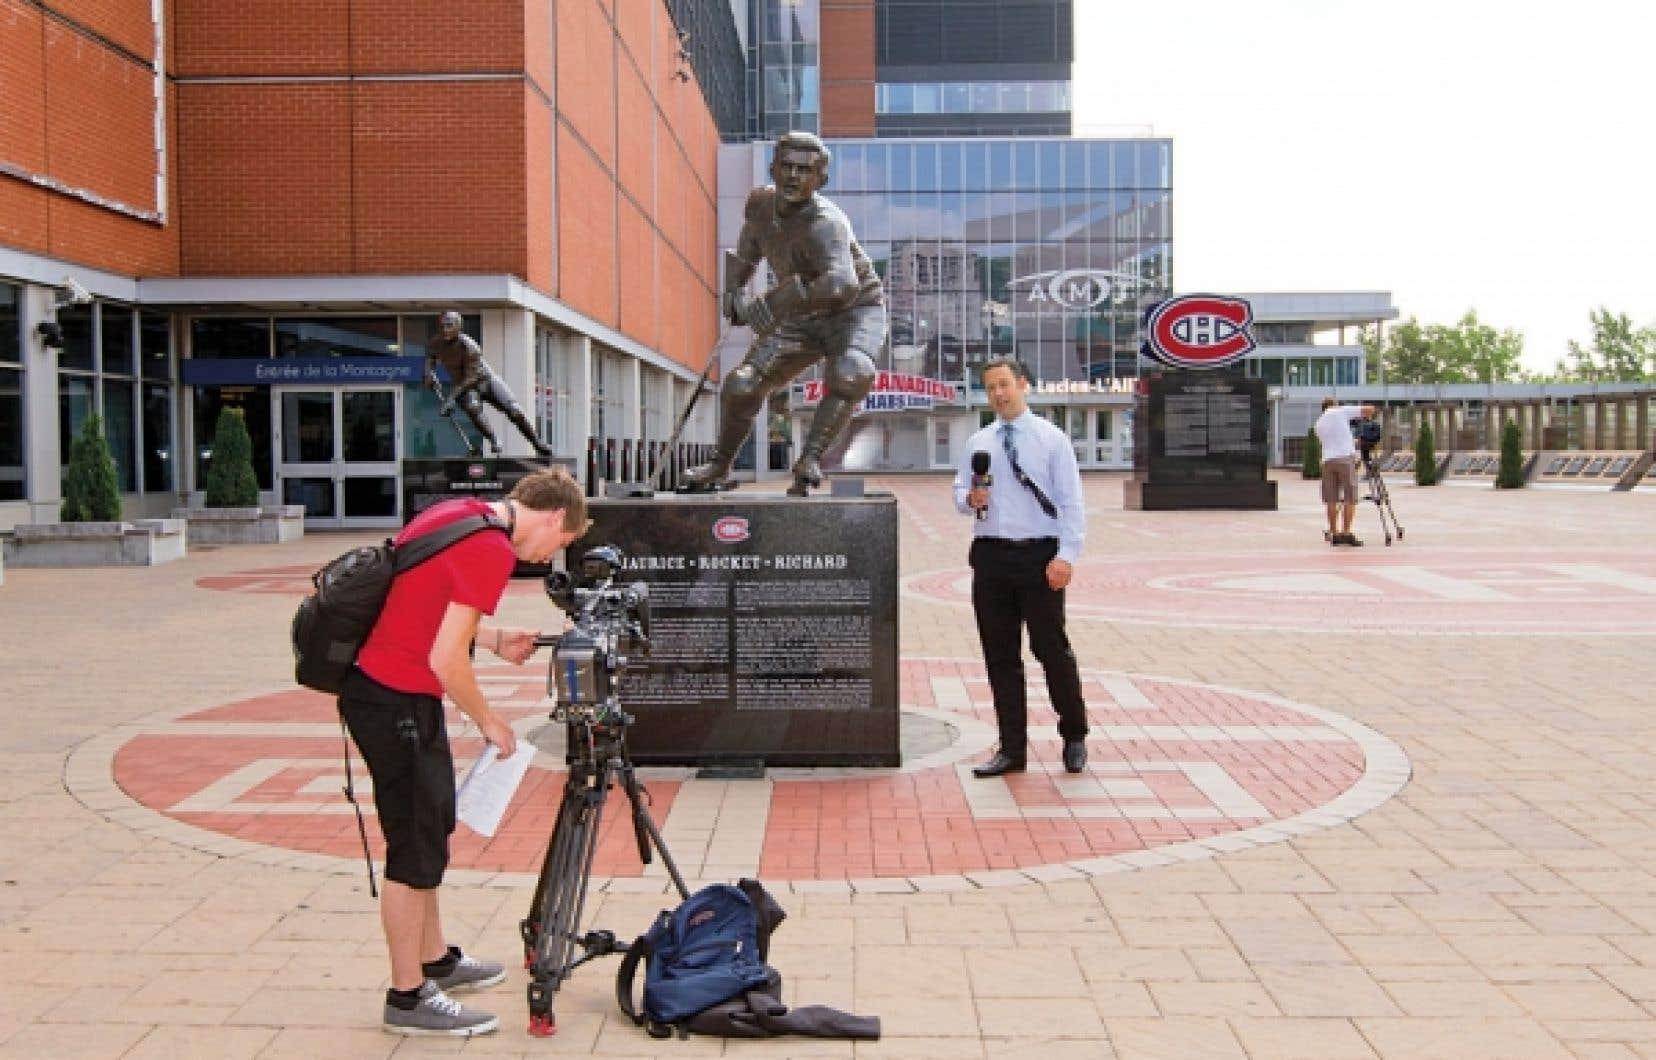 Les statues de légendes du Club de hockey Canadien et les 20 000 briques achetées par des partisans dans le cadre du centenaire de l'équipe vont bientôt céder leur place à une tour à condos. Elles seront retirées puis réinstallées une fois le projet terminé.